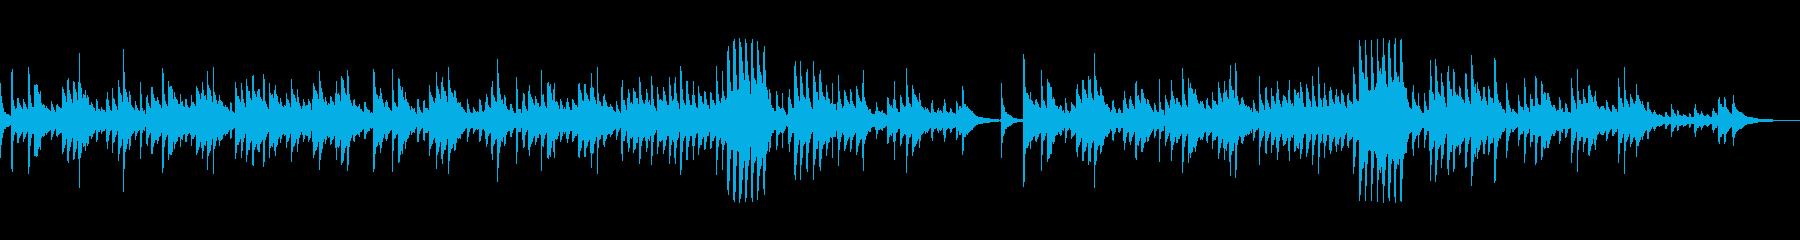 ショパン「別れの曲」和風アレンジ 箏のみの再生済みの波形